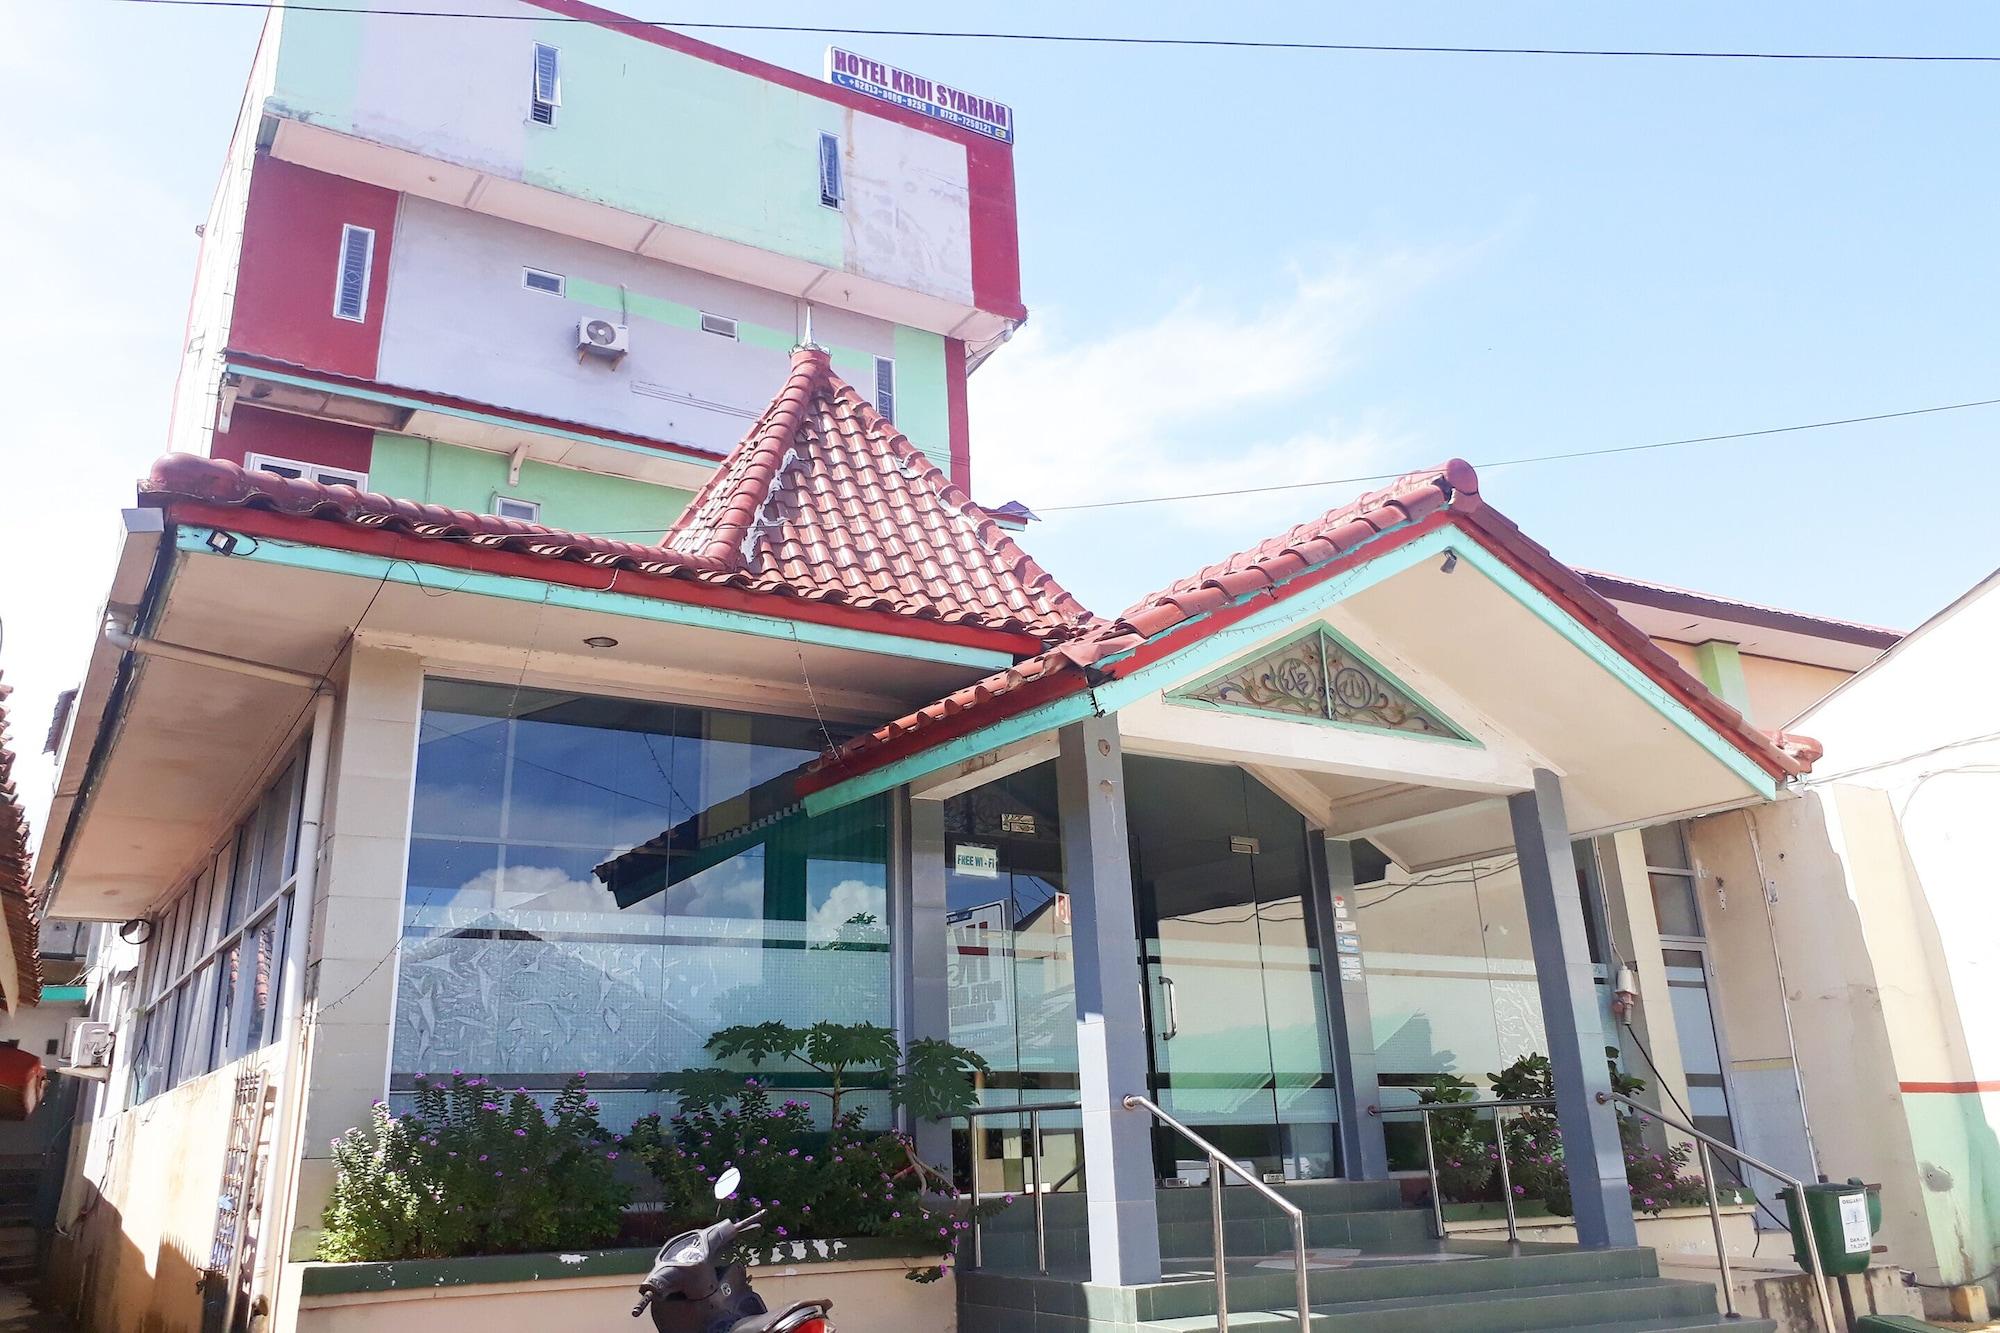 Hotel Krui Syariah, Lampung Barat